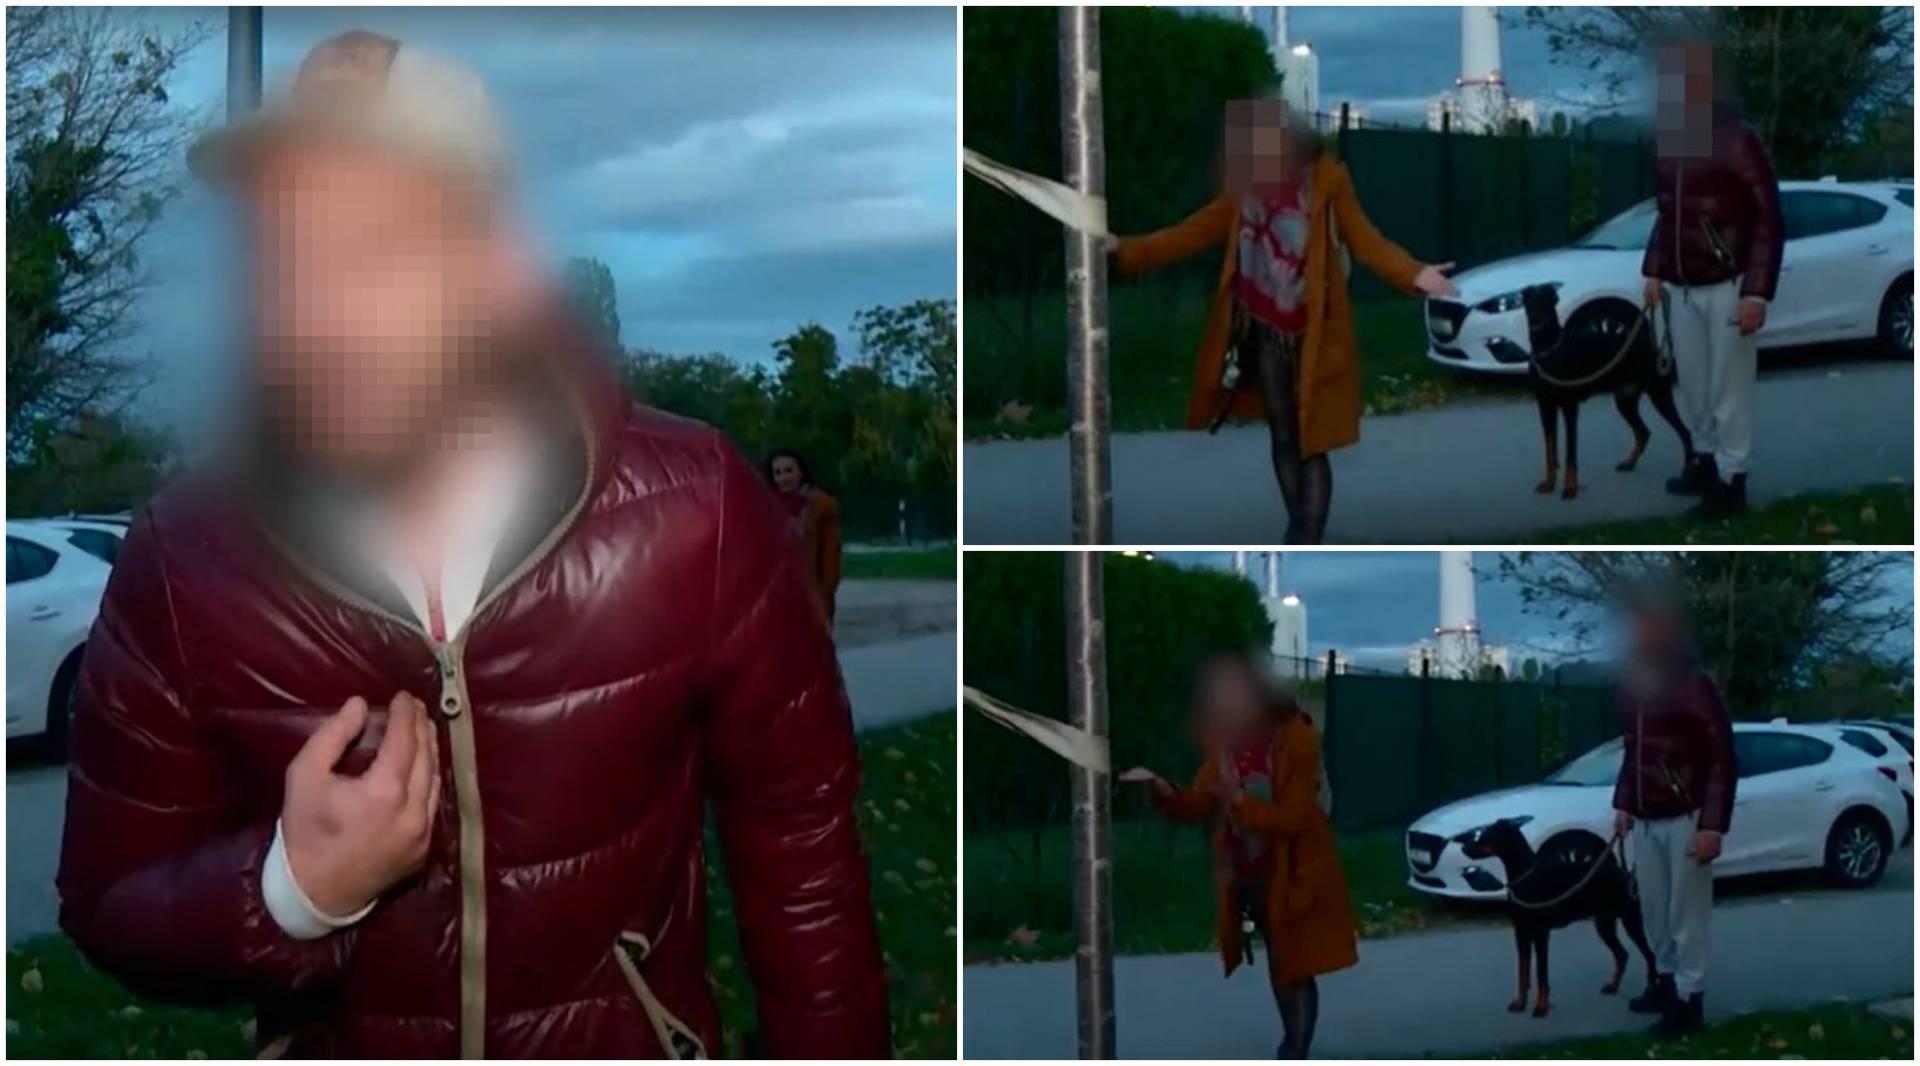 Ovo je pijani par koji je prijetio i vrijeđao Alemku Markotić,  a ranije je napadnut i Vili Beroš